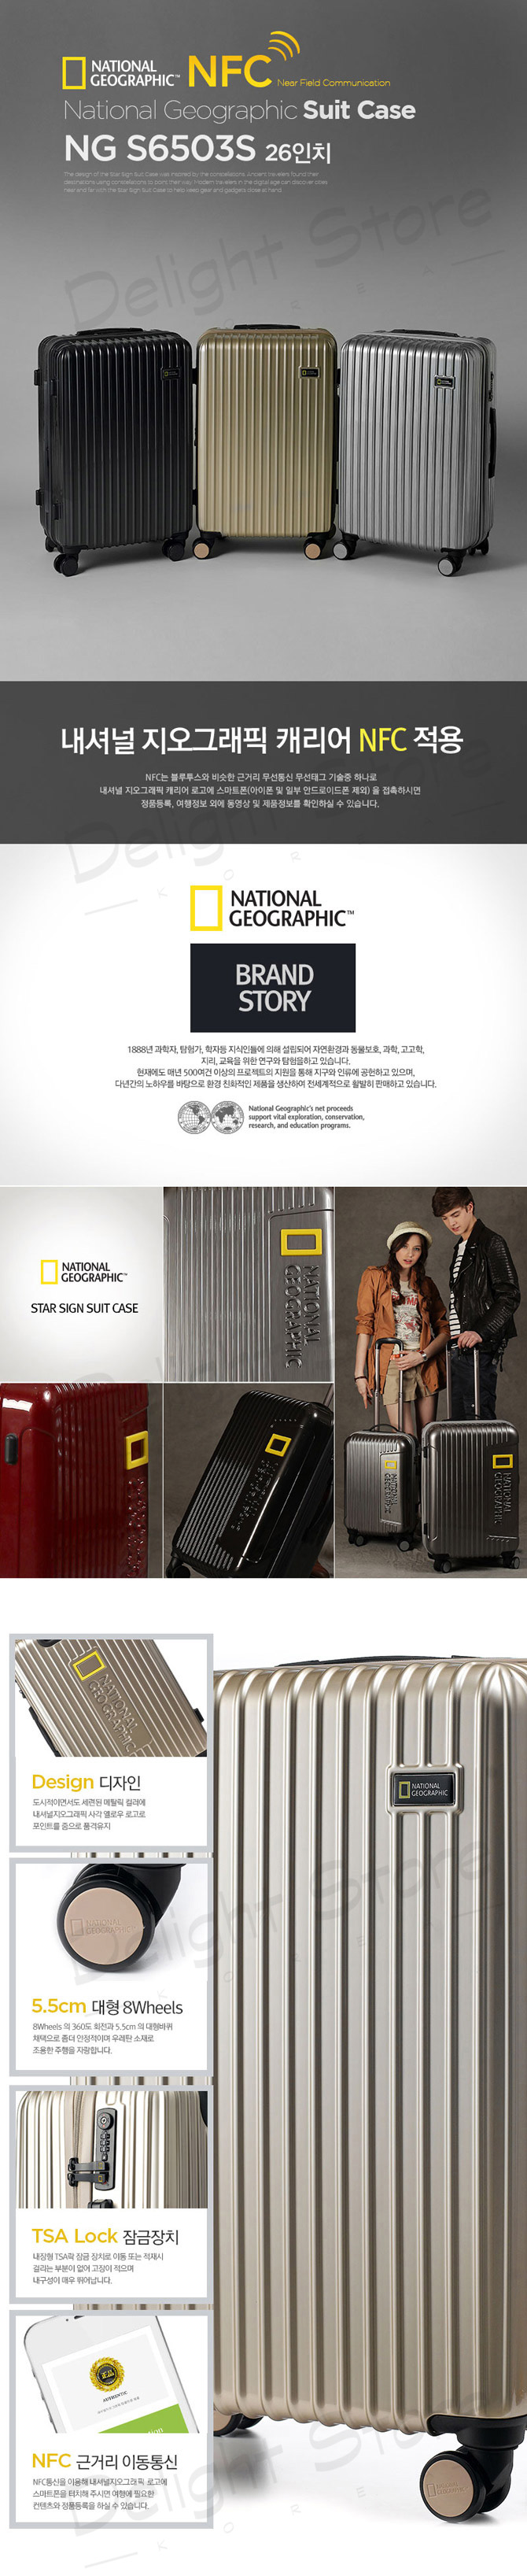 Qoo10 - Global Fashion & Trend leading Shopping